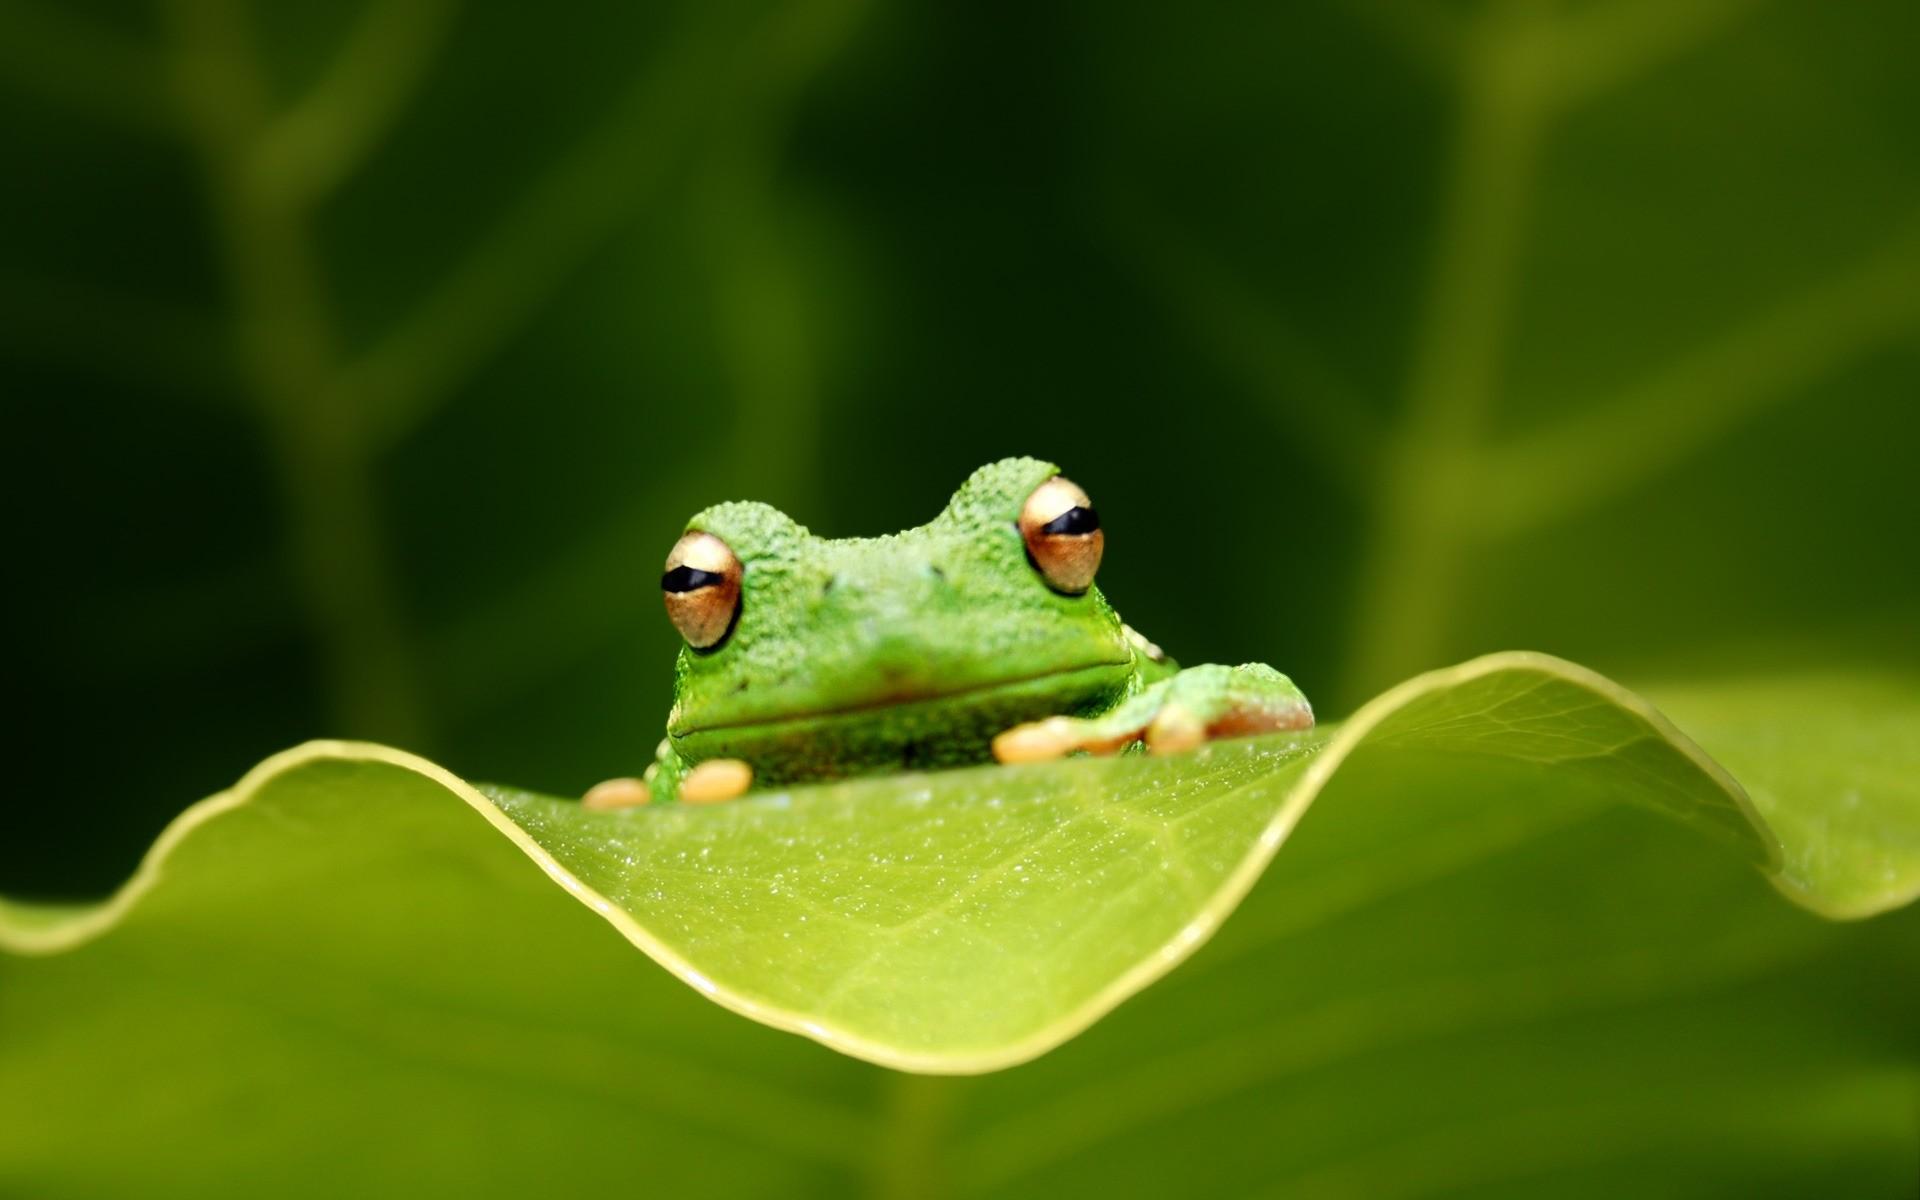 растение лягушка животное природа лист  № 1423156 бесплатно